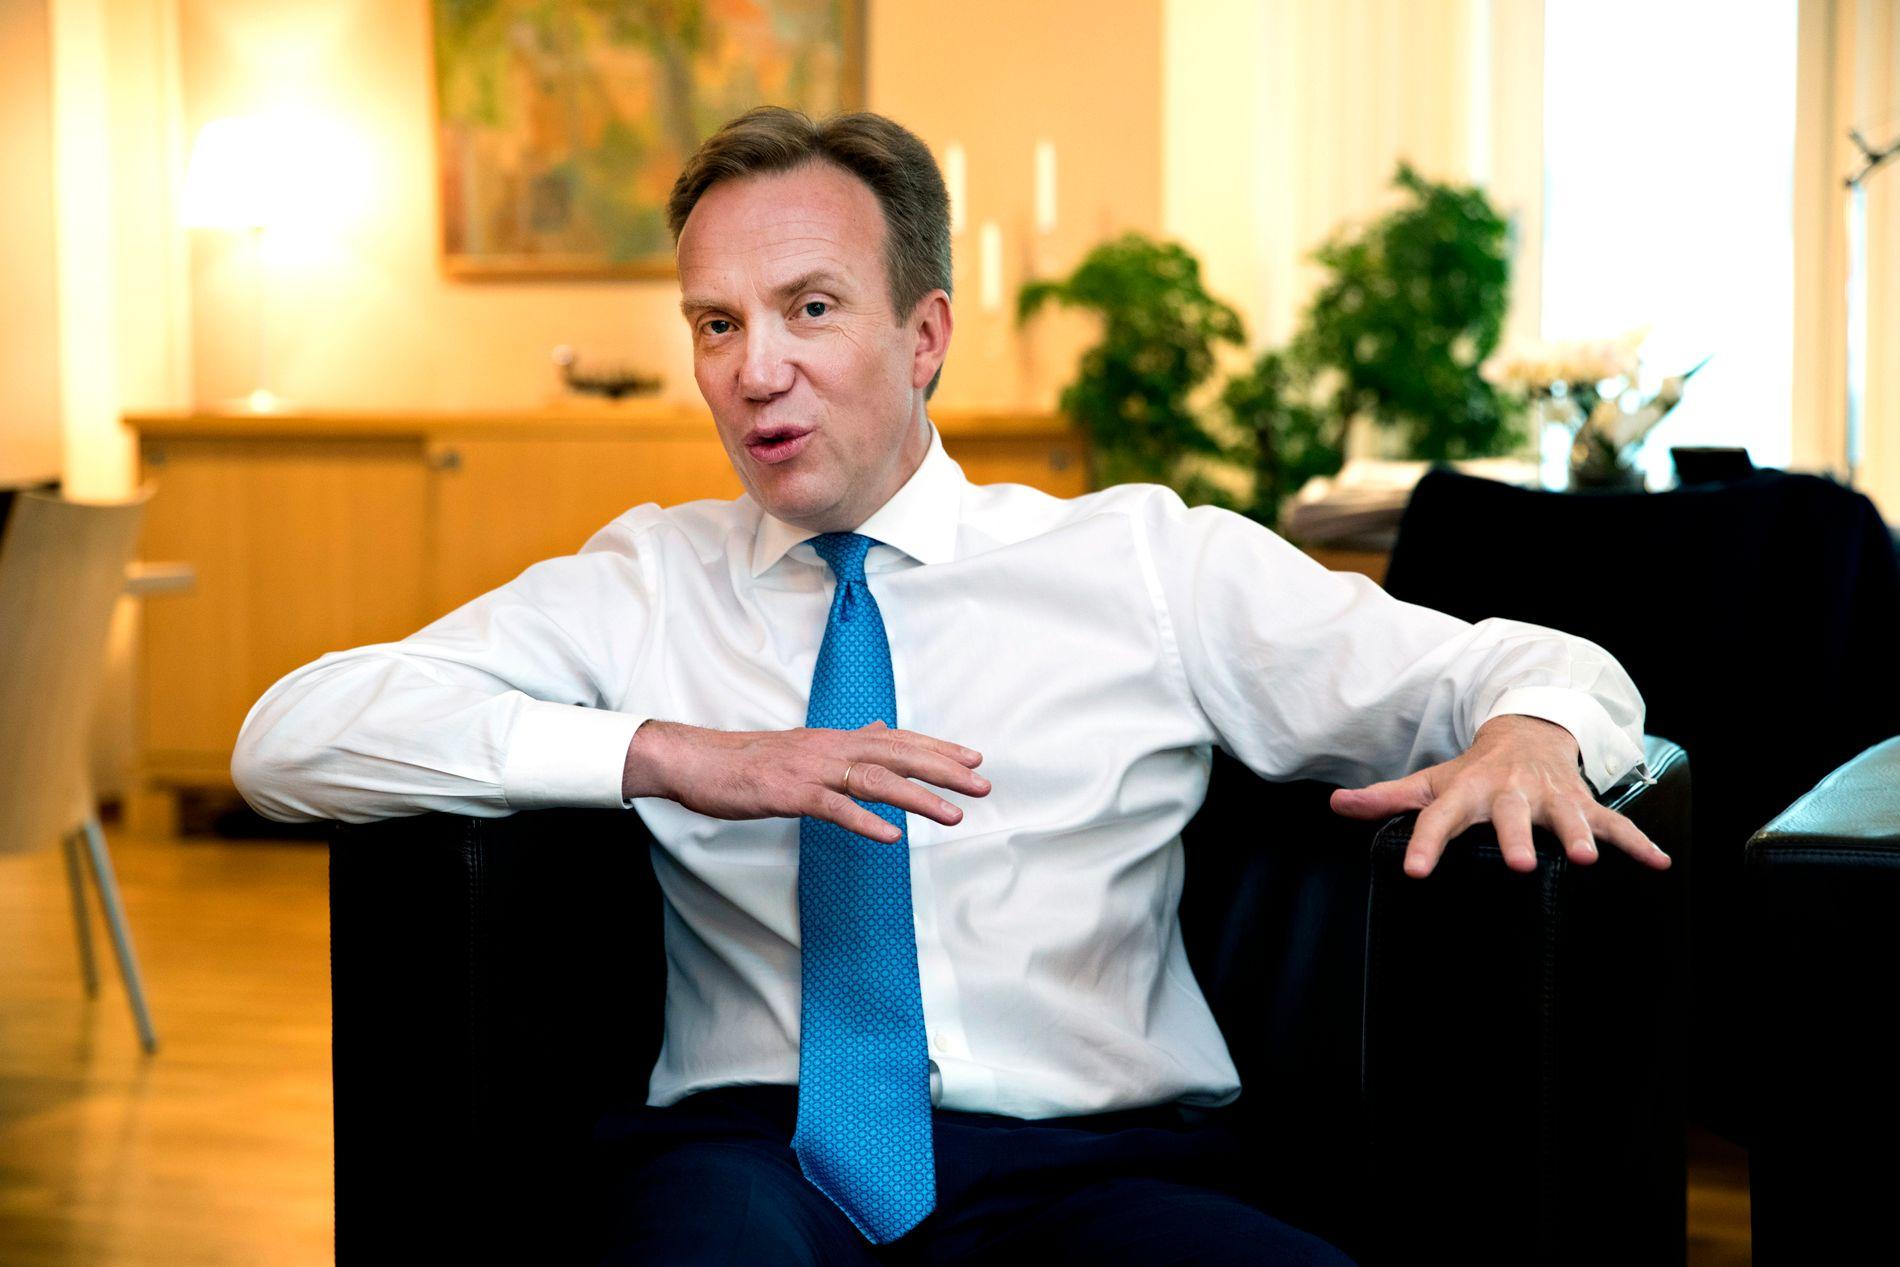 SVAK: Børge Brende fikk strykkarakter for sin innsats som utenriksminister i fersk Nupi-rapport.